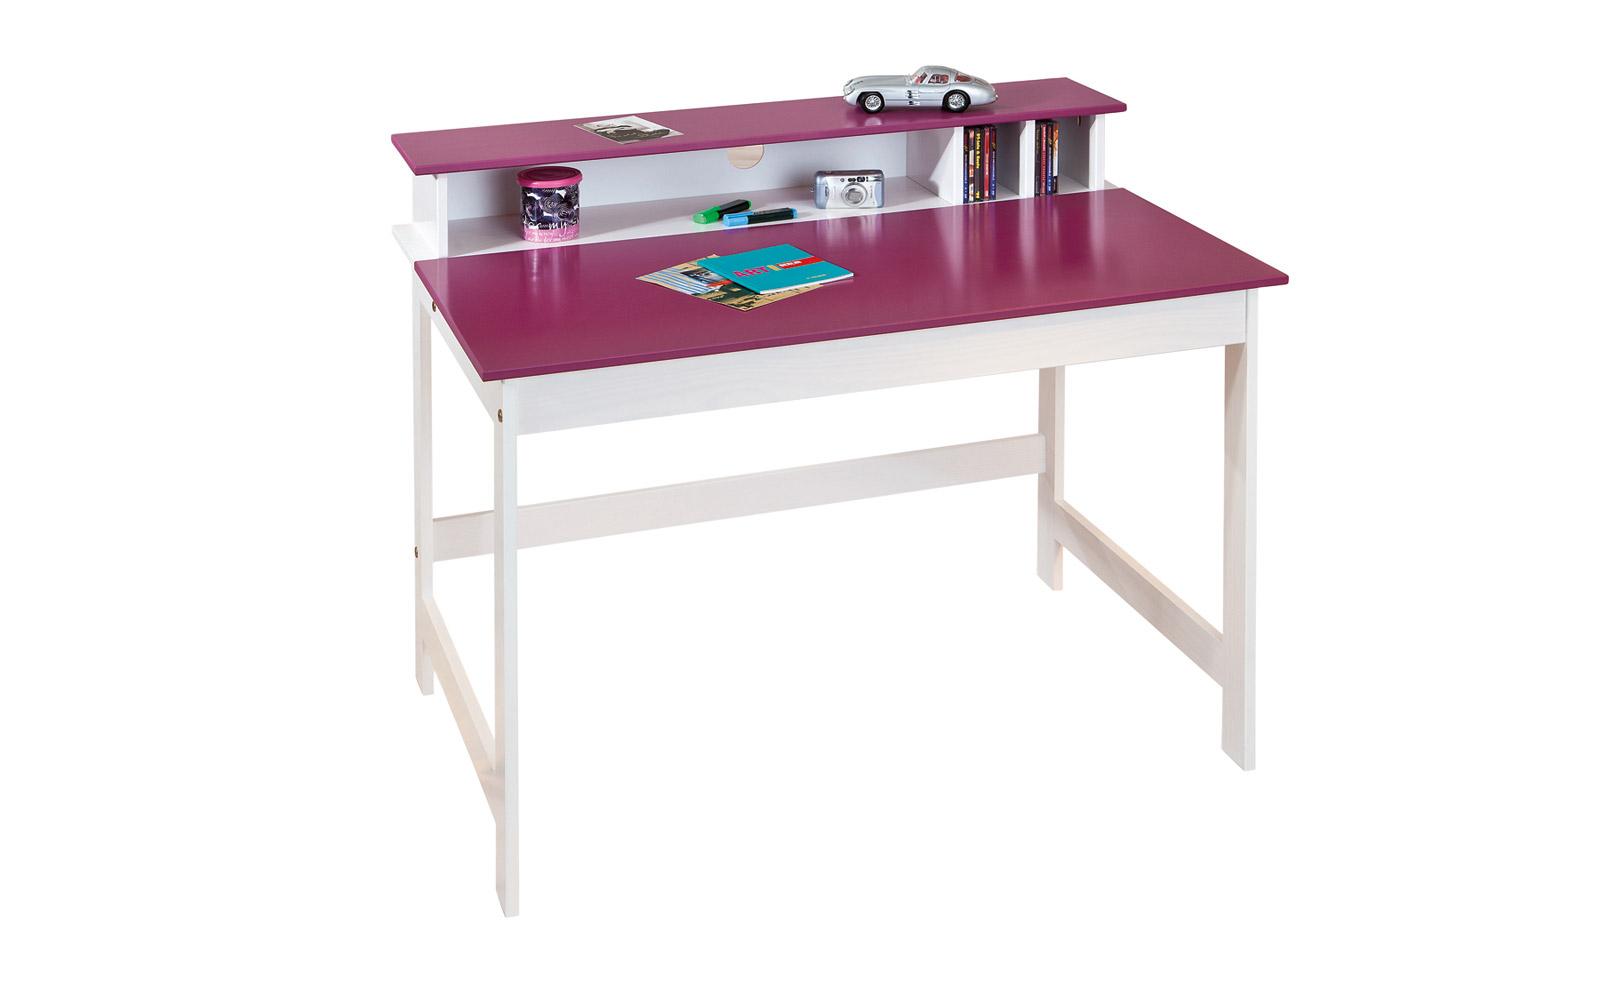 Schreibtisch mit beschreibbarer Fläche